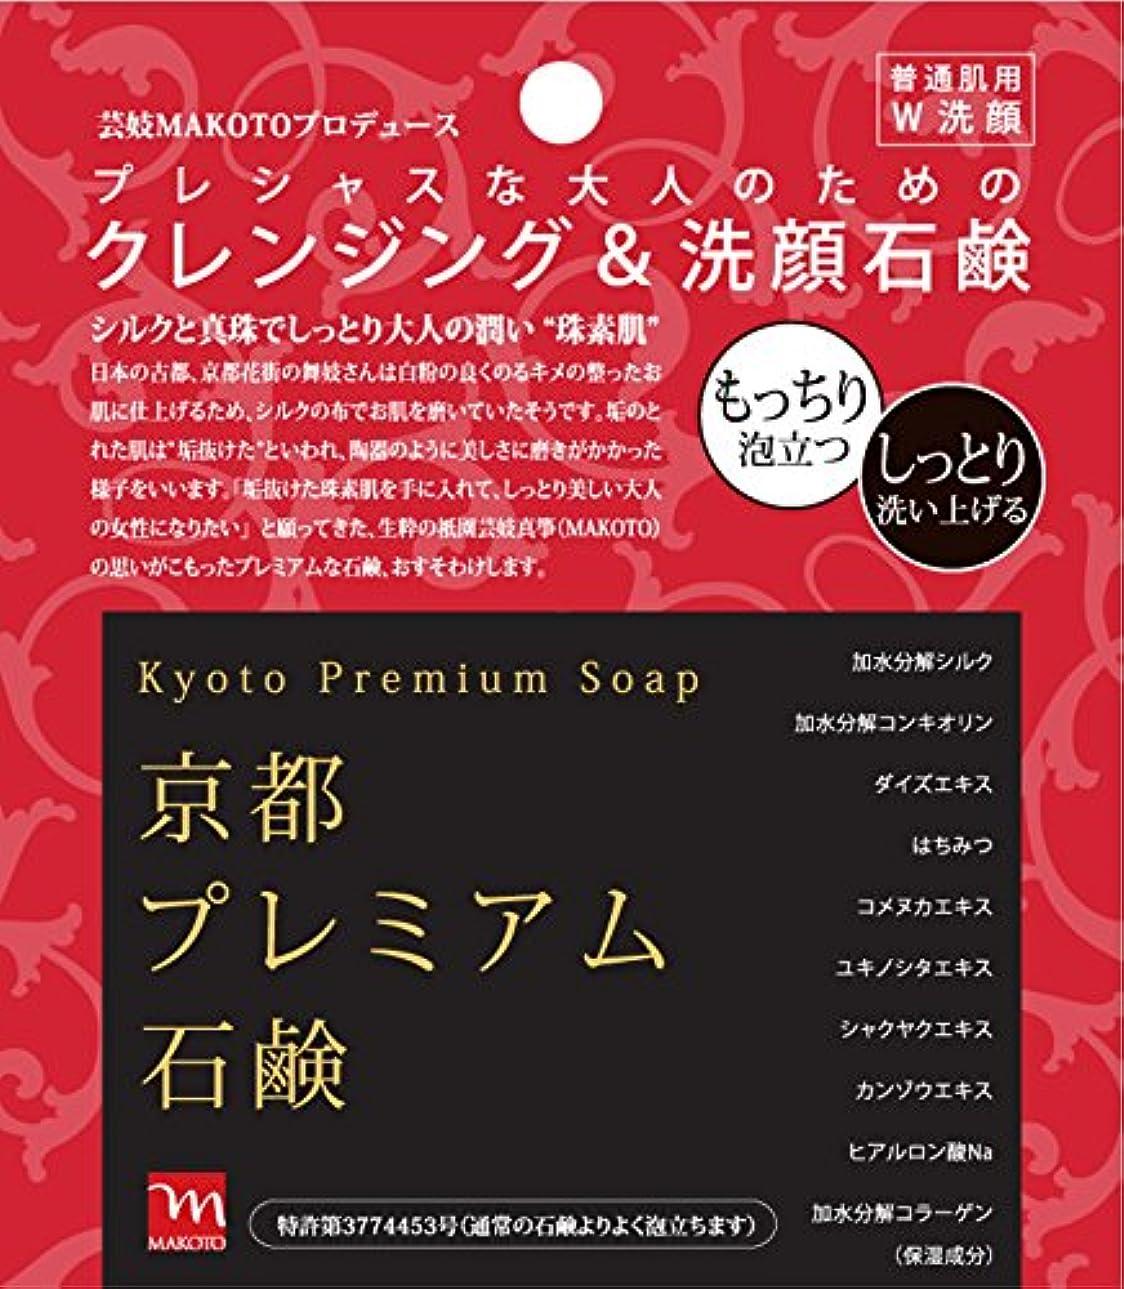 風が強いしょっぱい鳥京都プレミアム石鹸 クレンジング&洗顔石鹸 しっとり もっちり 芸妓さん監修